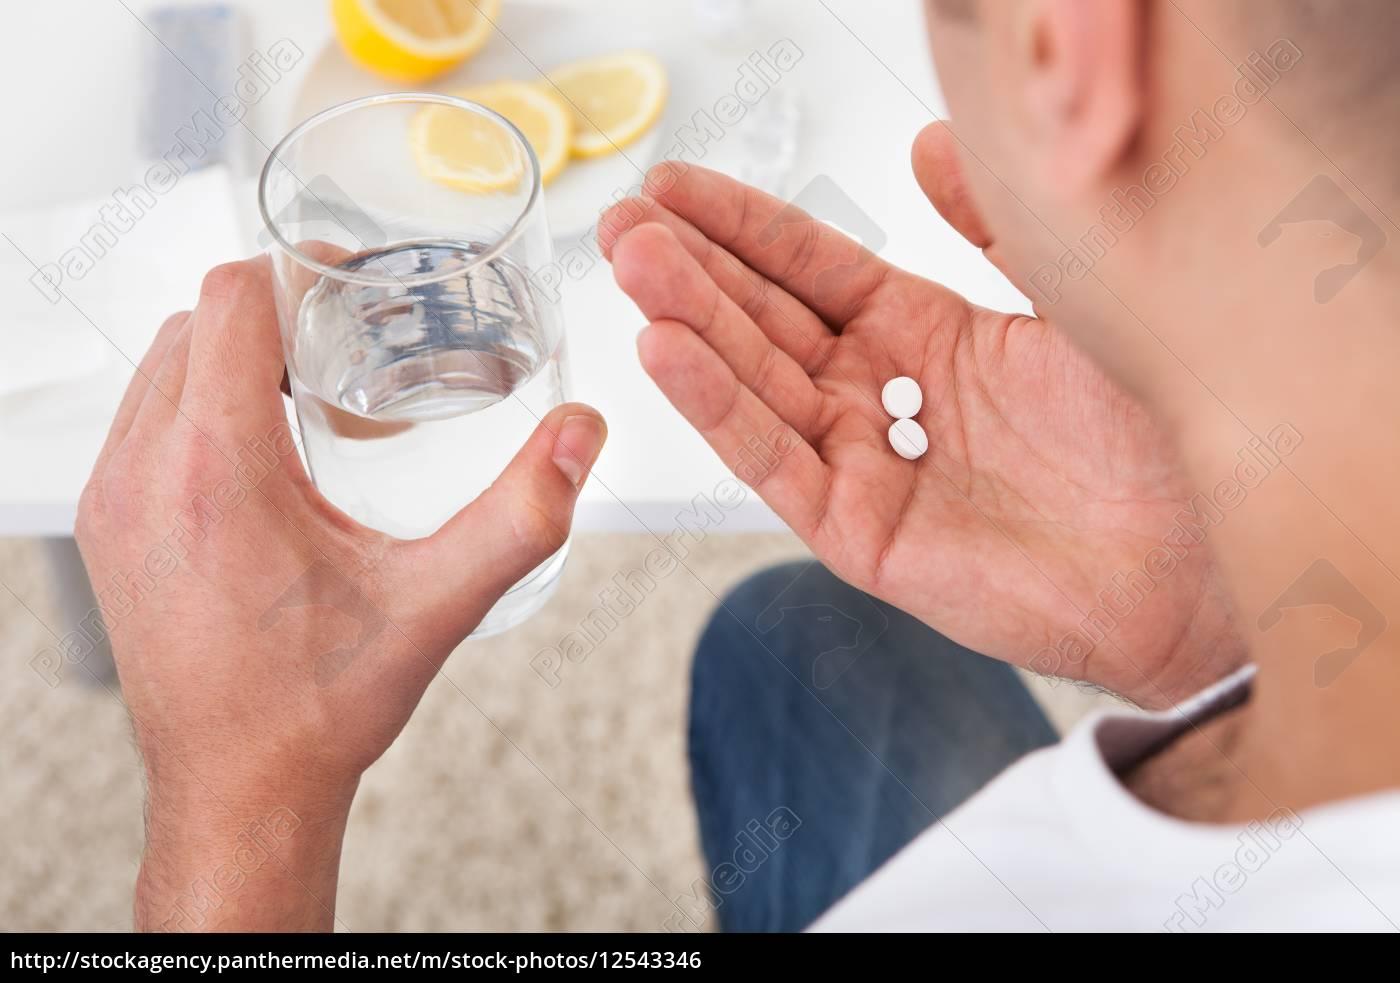 kranker, mann, einnahme, von, tabletten, mit - 12543346